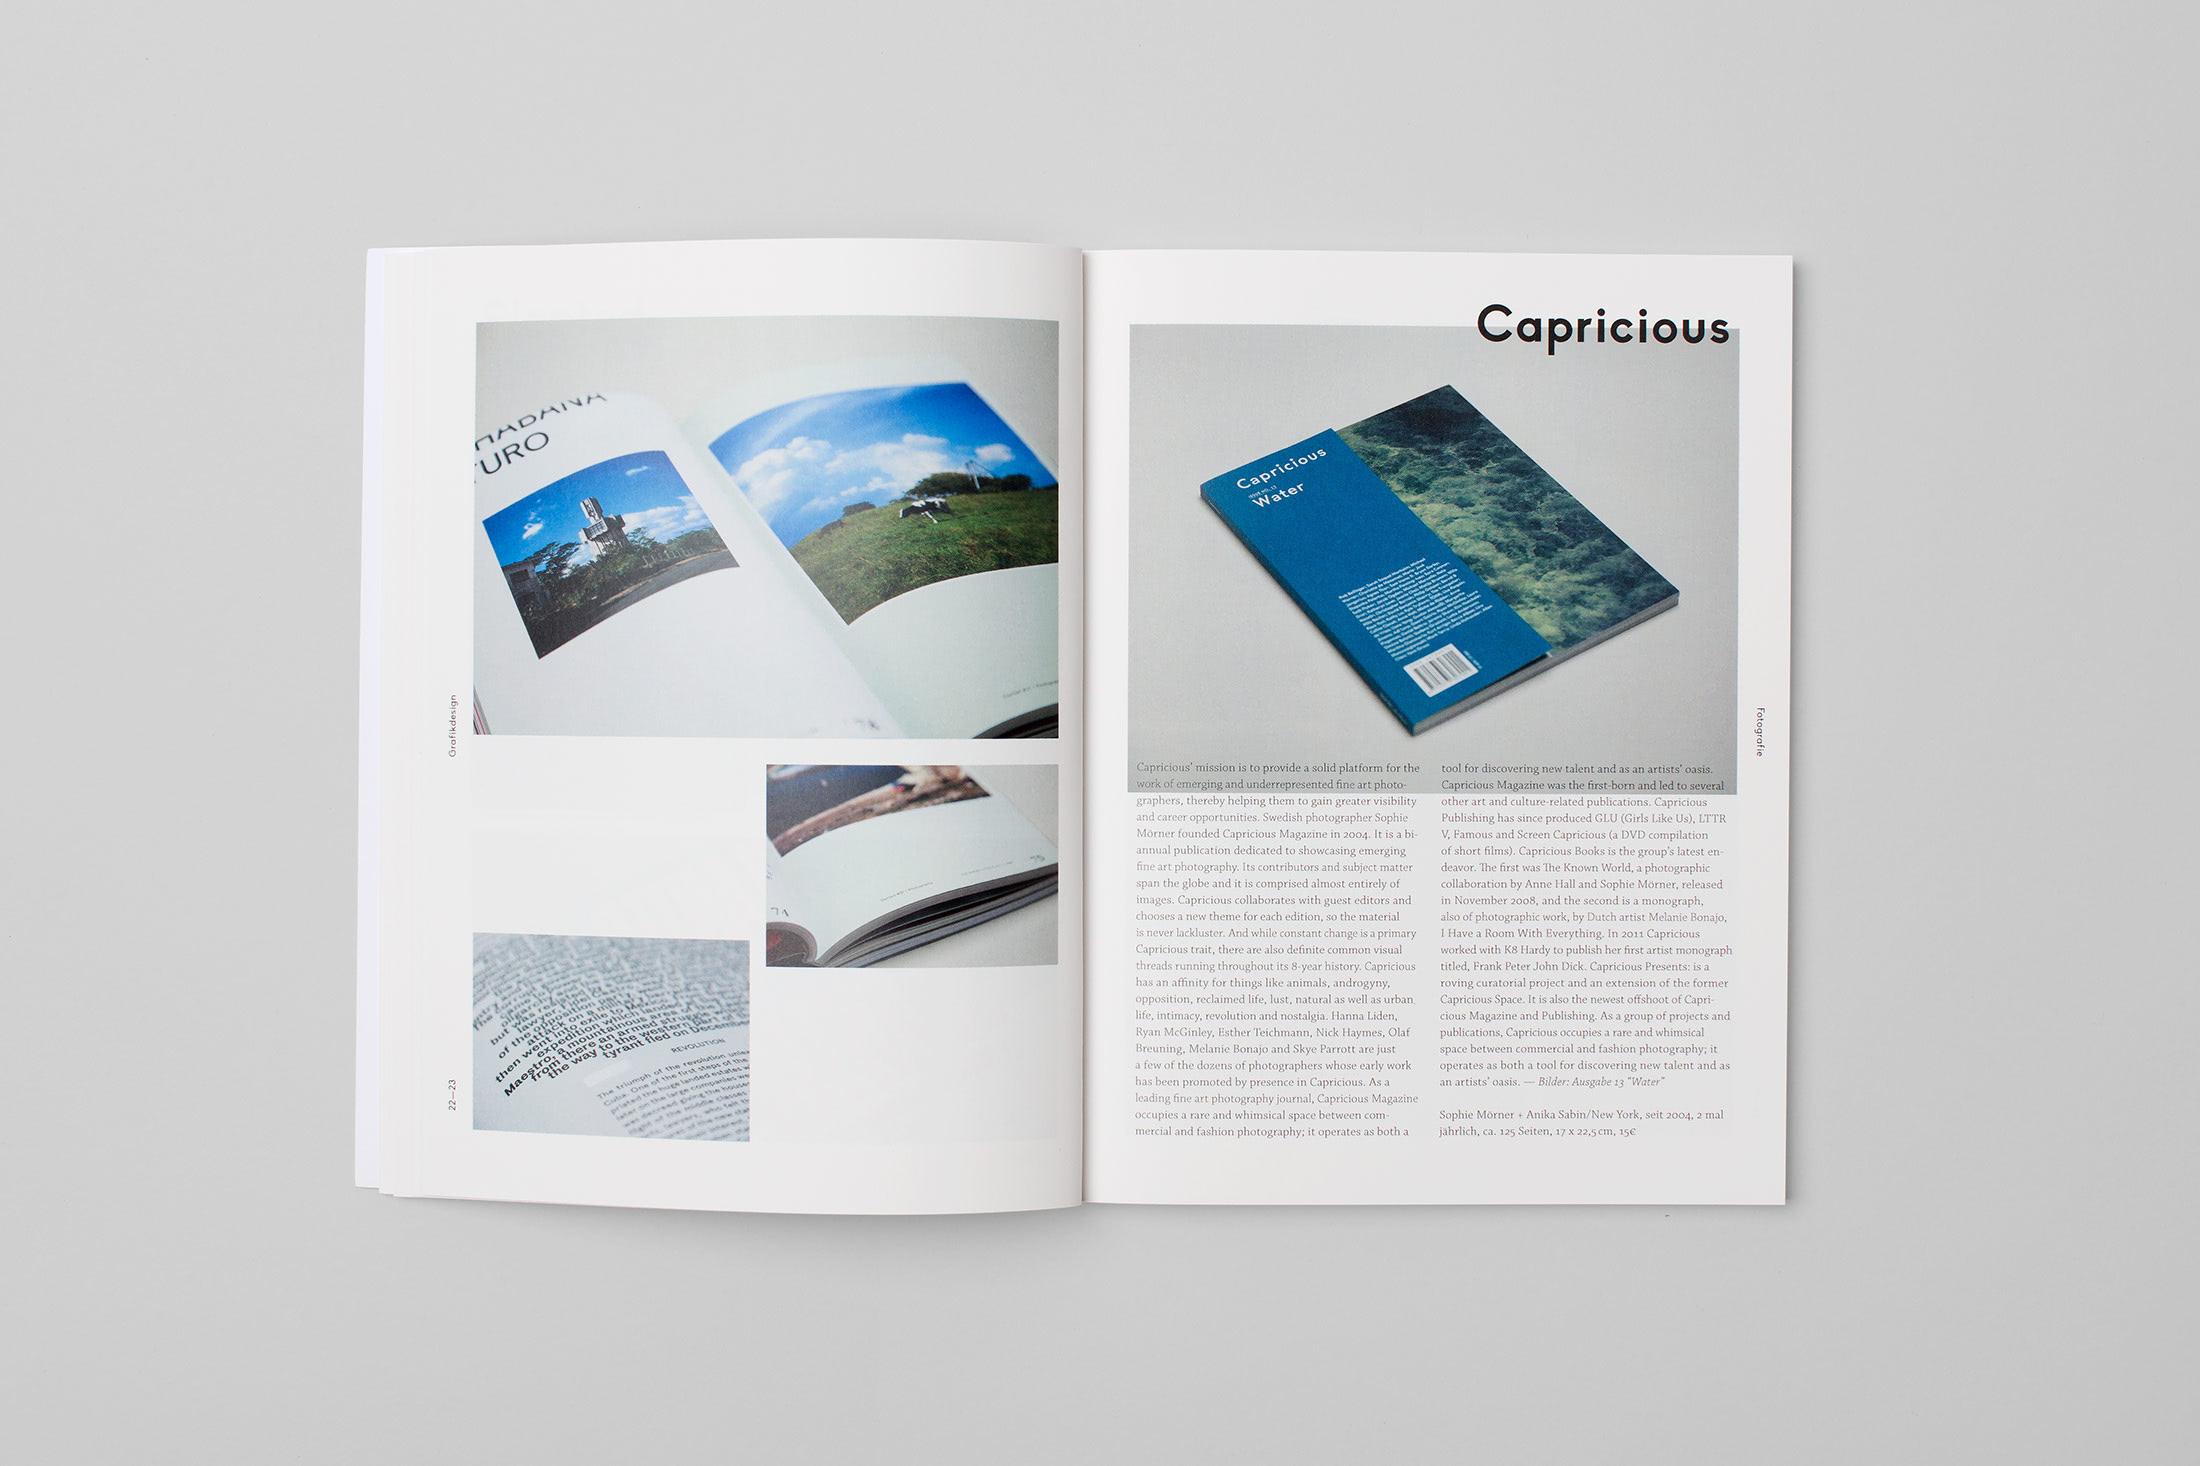 Magazinkultur_05-Mitja_Schneehage